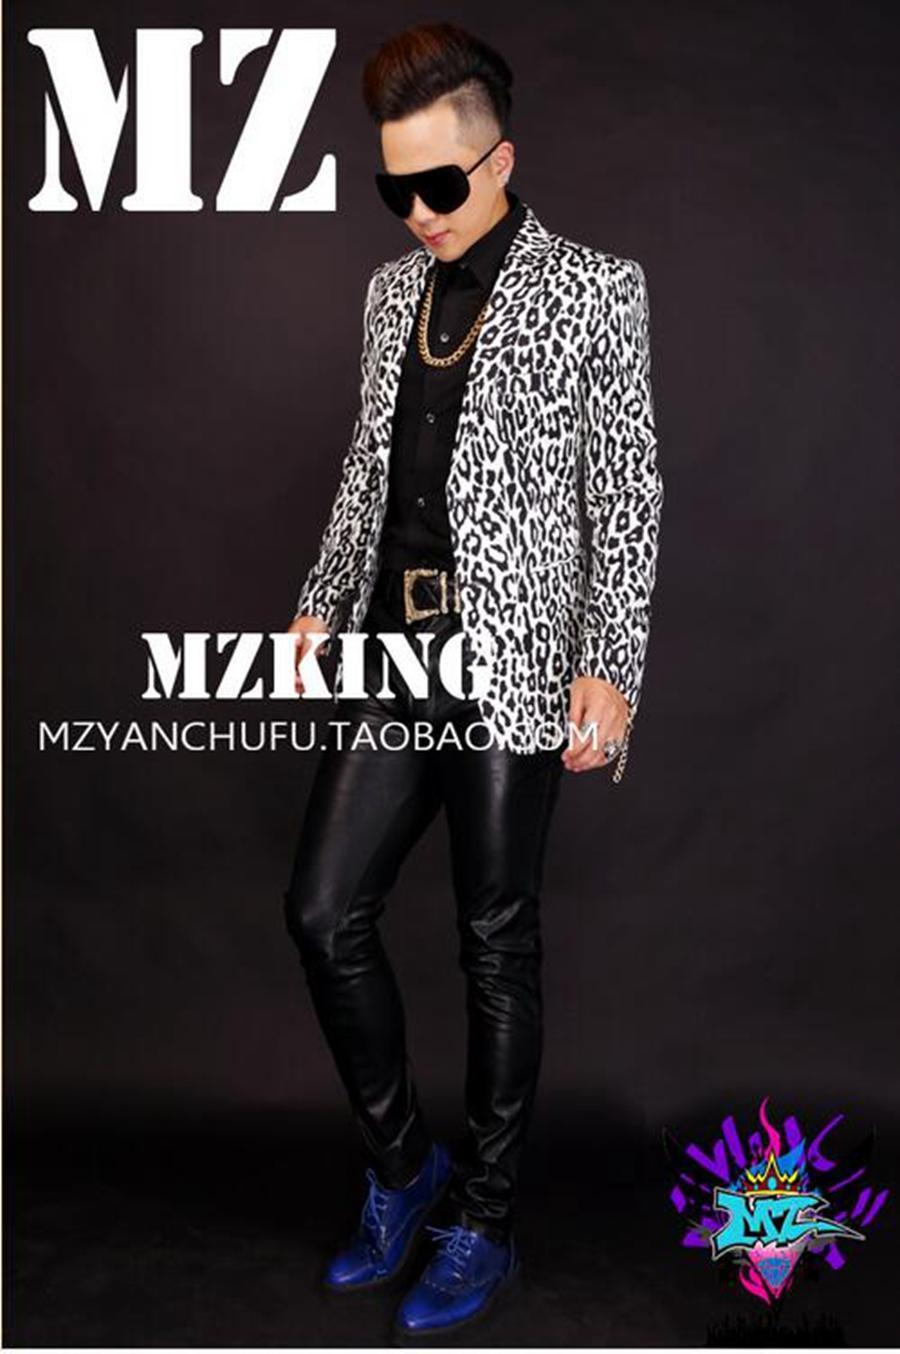 La discoteca alla moda cantante bianca maschile in Europa e la passerella sembra m allungare un costume vestito stampa leopardo. S - 6 xl